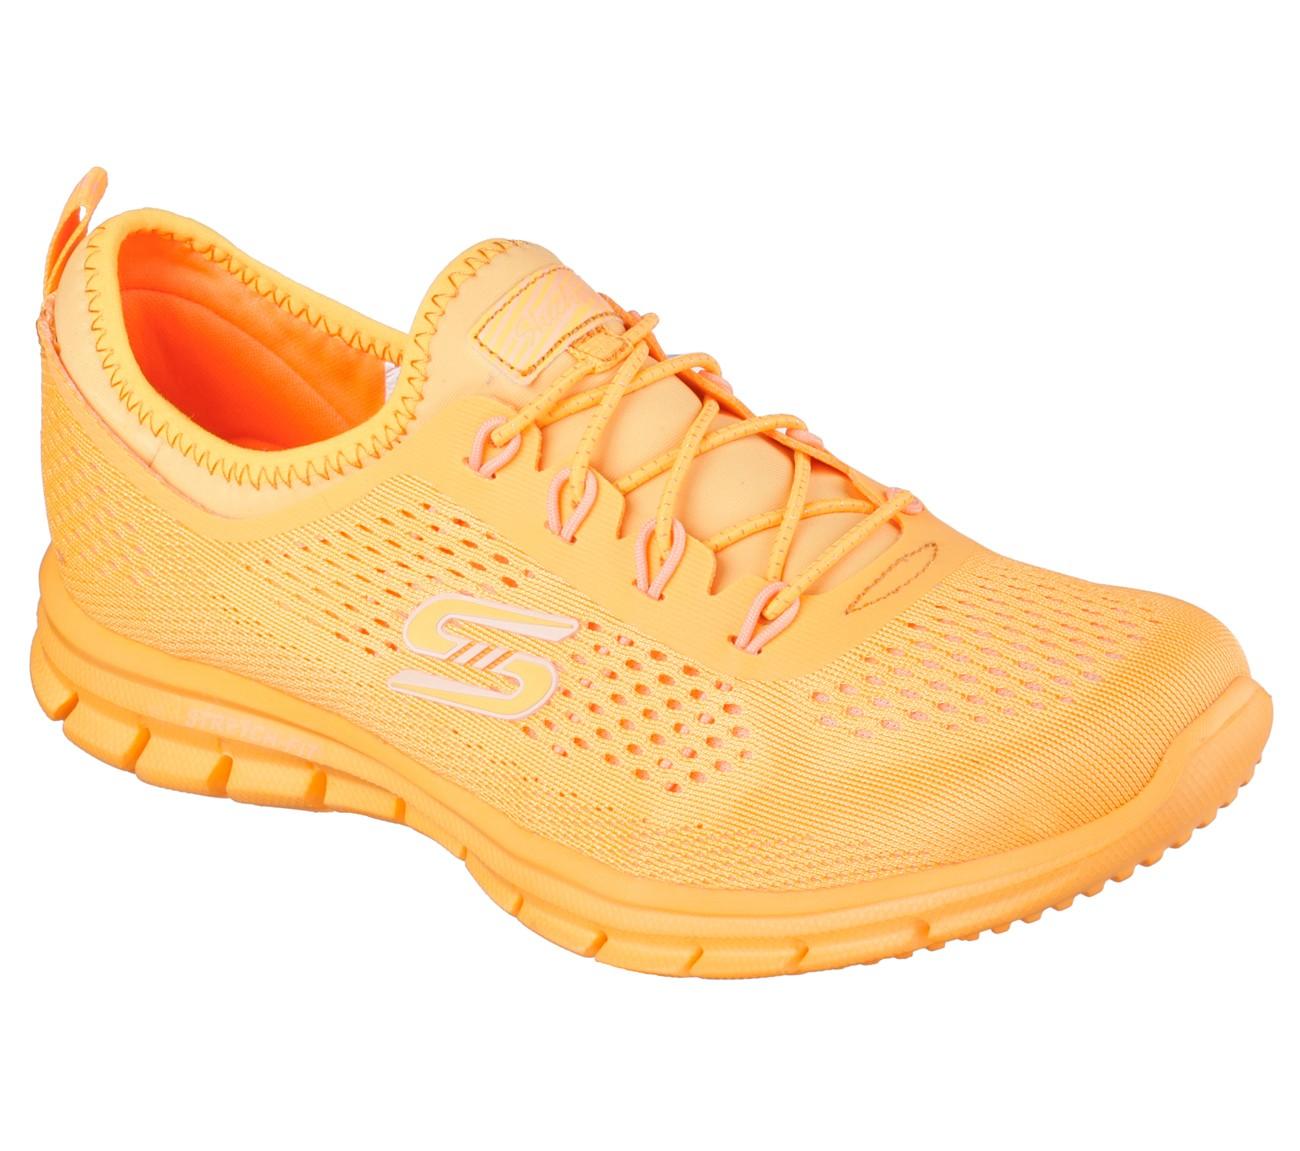 Skechers Bayan Yürüyüş Ayakkabısı Modelleri-Ayakkabı Modelleri (27)